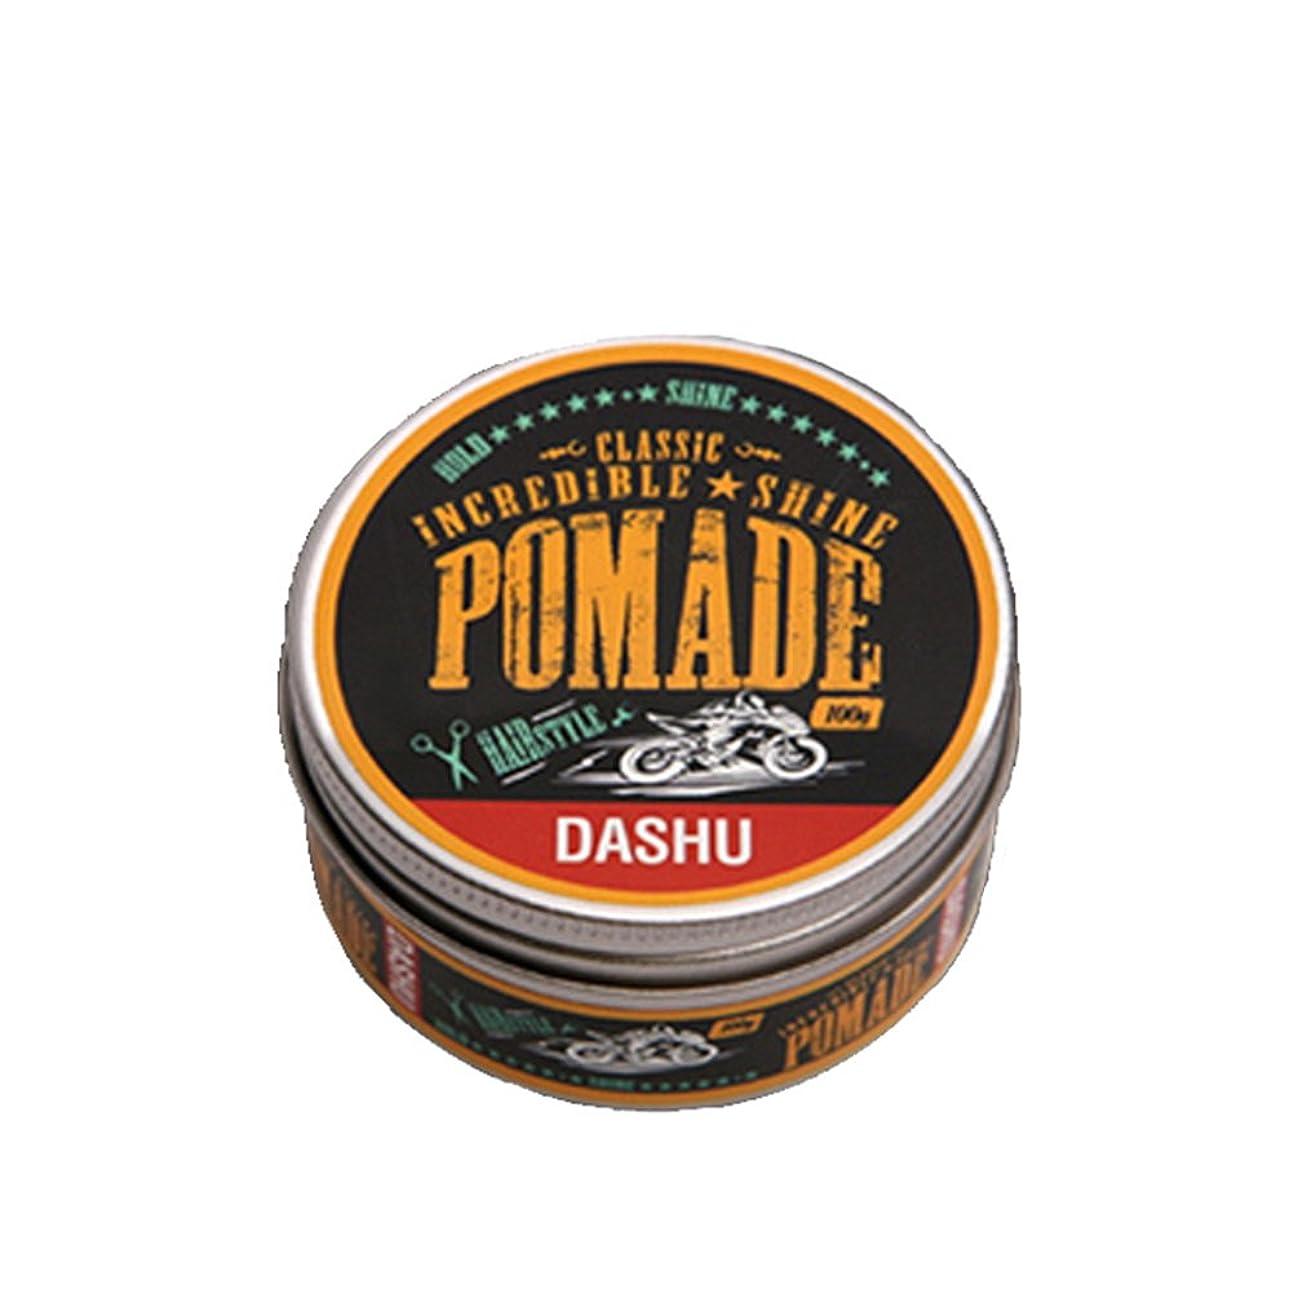 ジーンズ確執公園[DASHU] ダシュ クラシック 信じられないほどの輝き ポマードワックス Classic Incredible Shine Pomade Hair Wax 100ml / 韓国製 . 韓国直送品